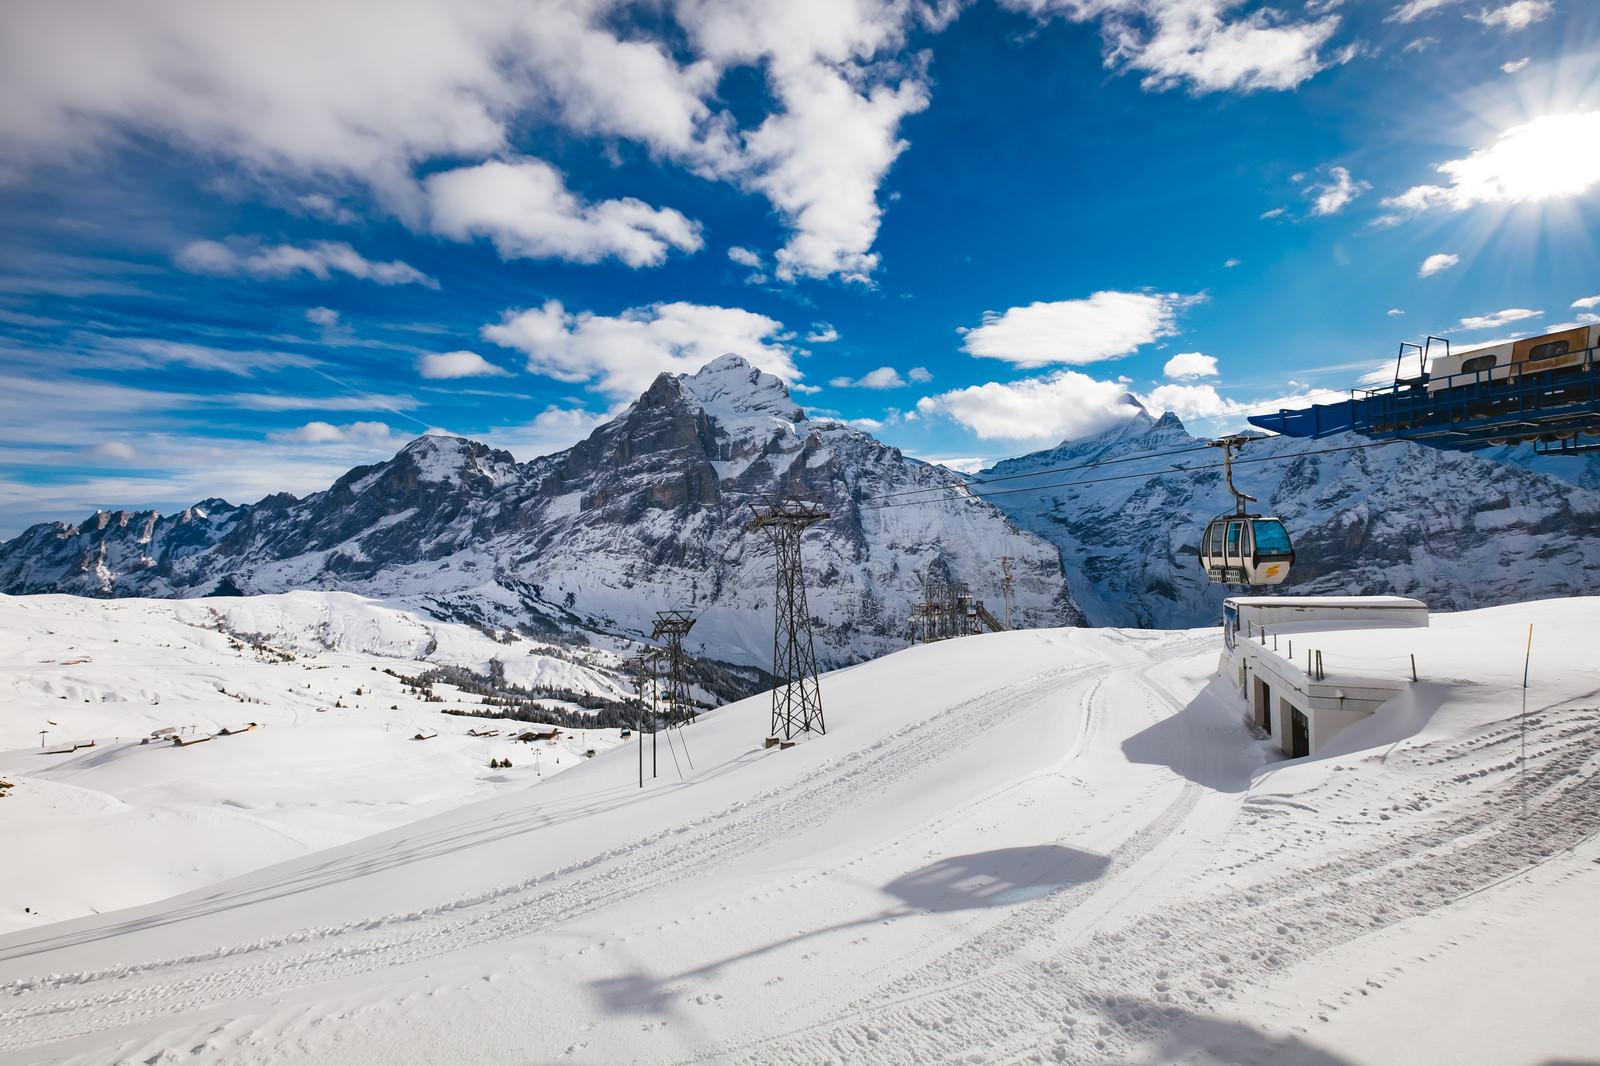 「雪が積もるフィルストのゴンドラ(スイス)」の写真